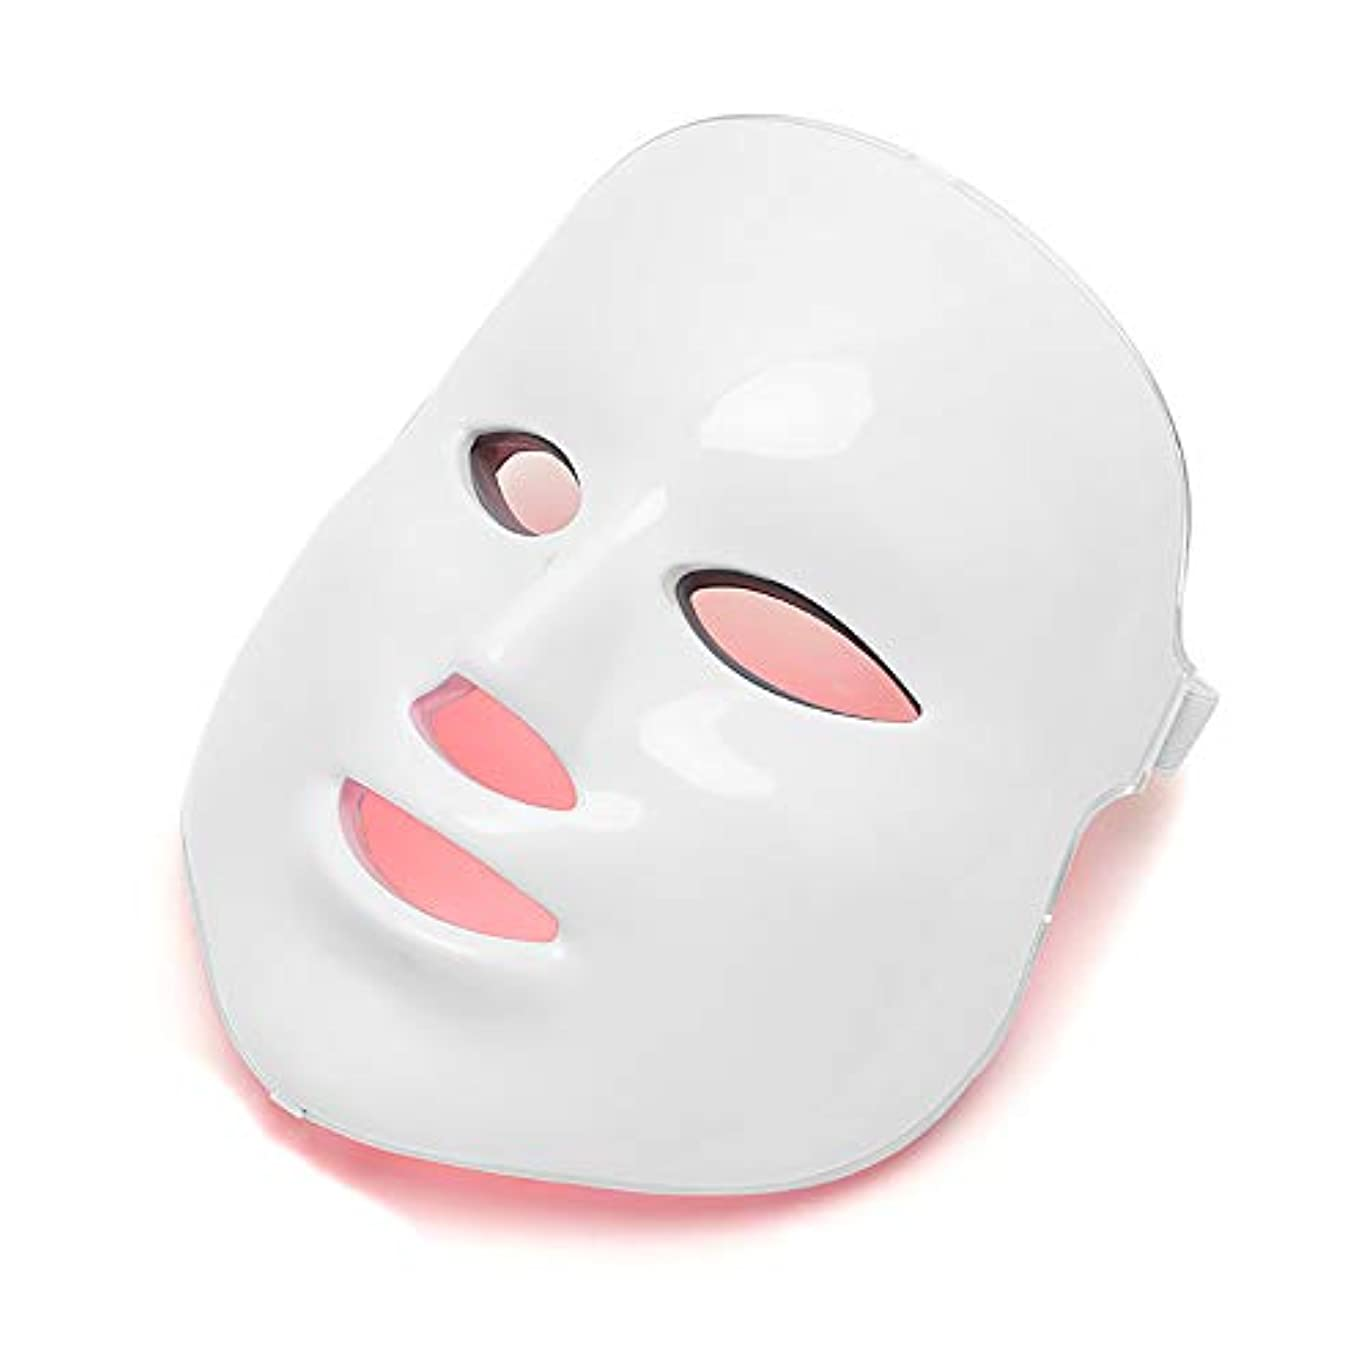 シンプルな国旗懐疑的フェイス光線療法フェイシャルスキンケアマスクLED 7色フェイシャルマスク、スキントーニングしわのためのLEDライトは調色、しわにきび治療を締め付け、アンチエイジングを削除します